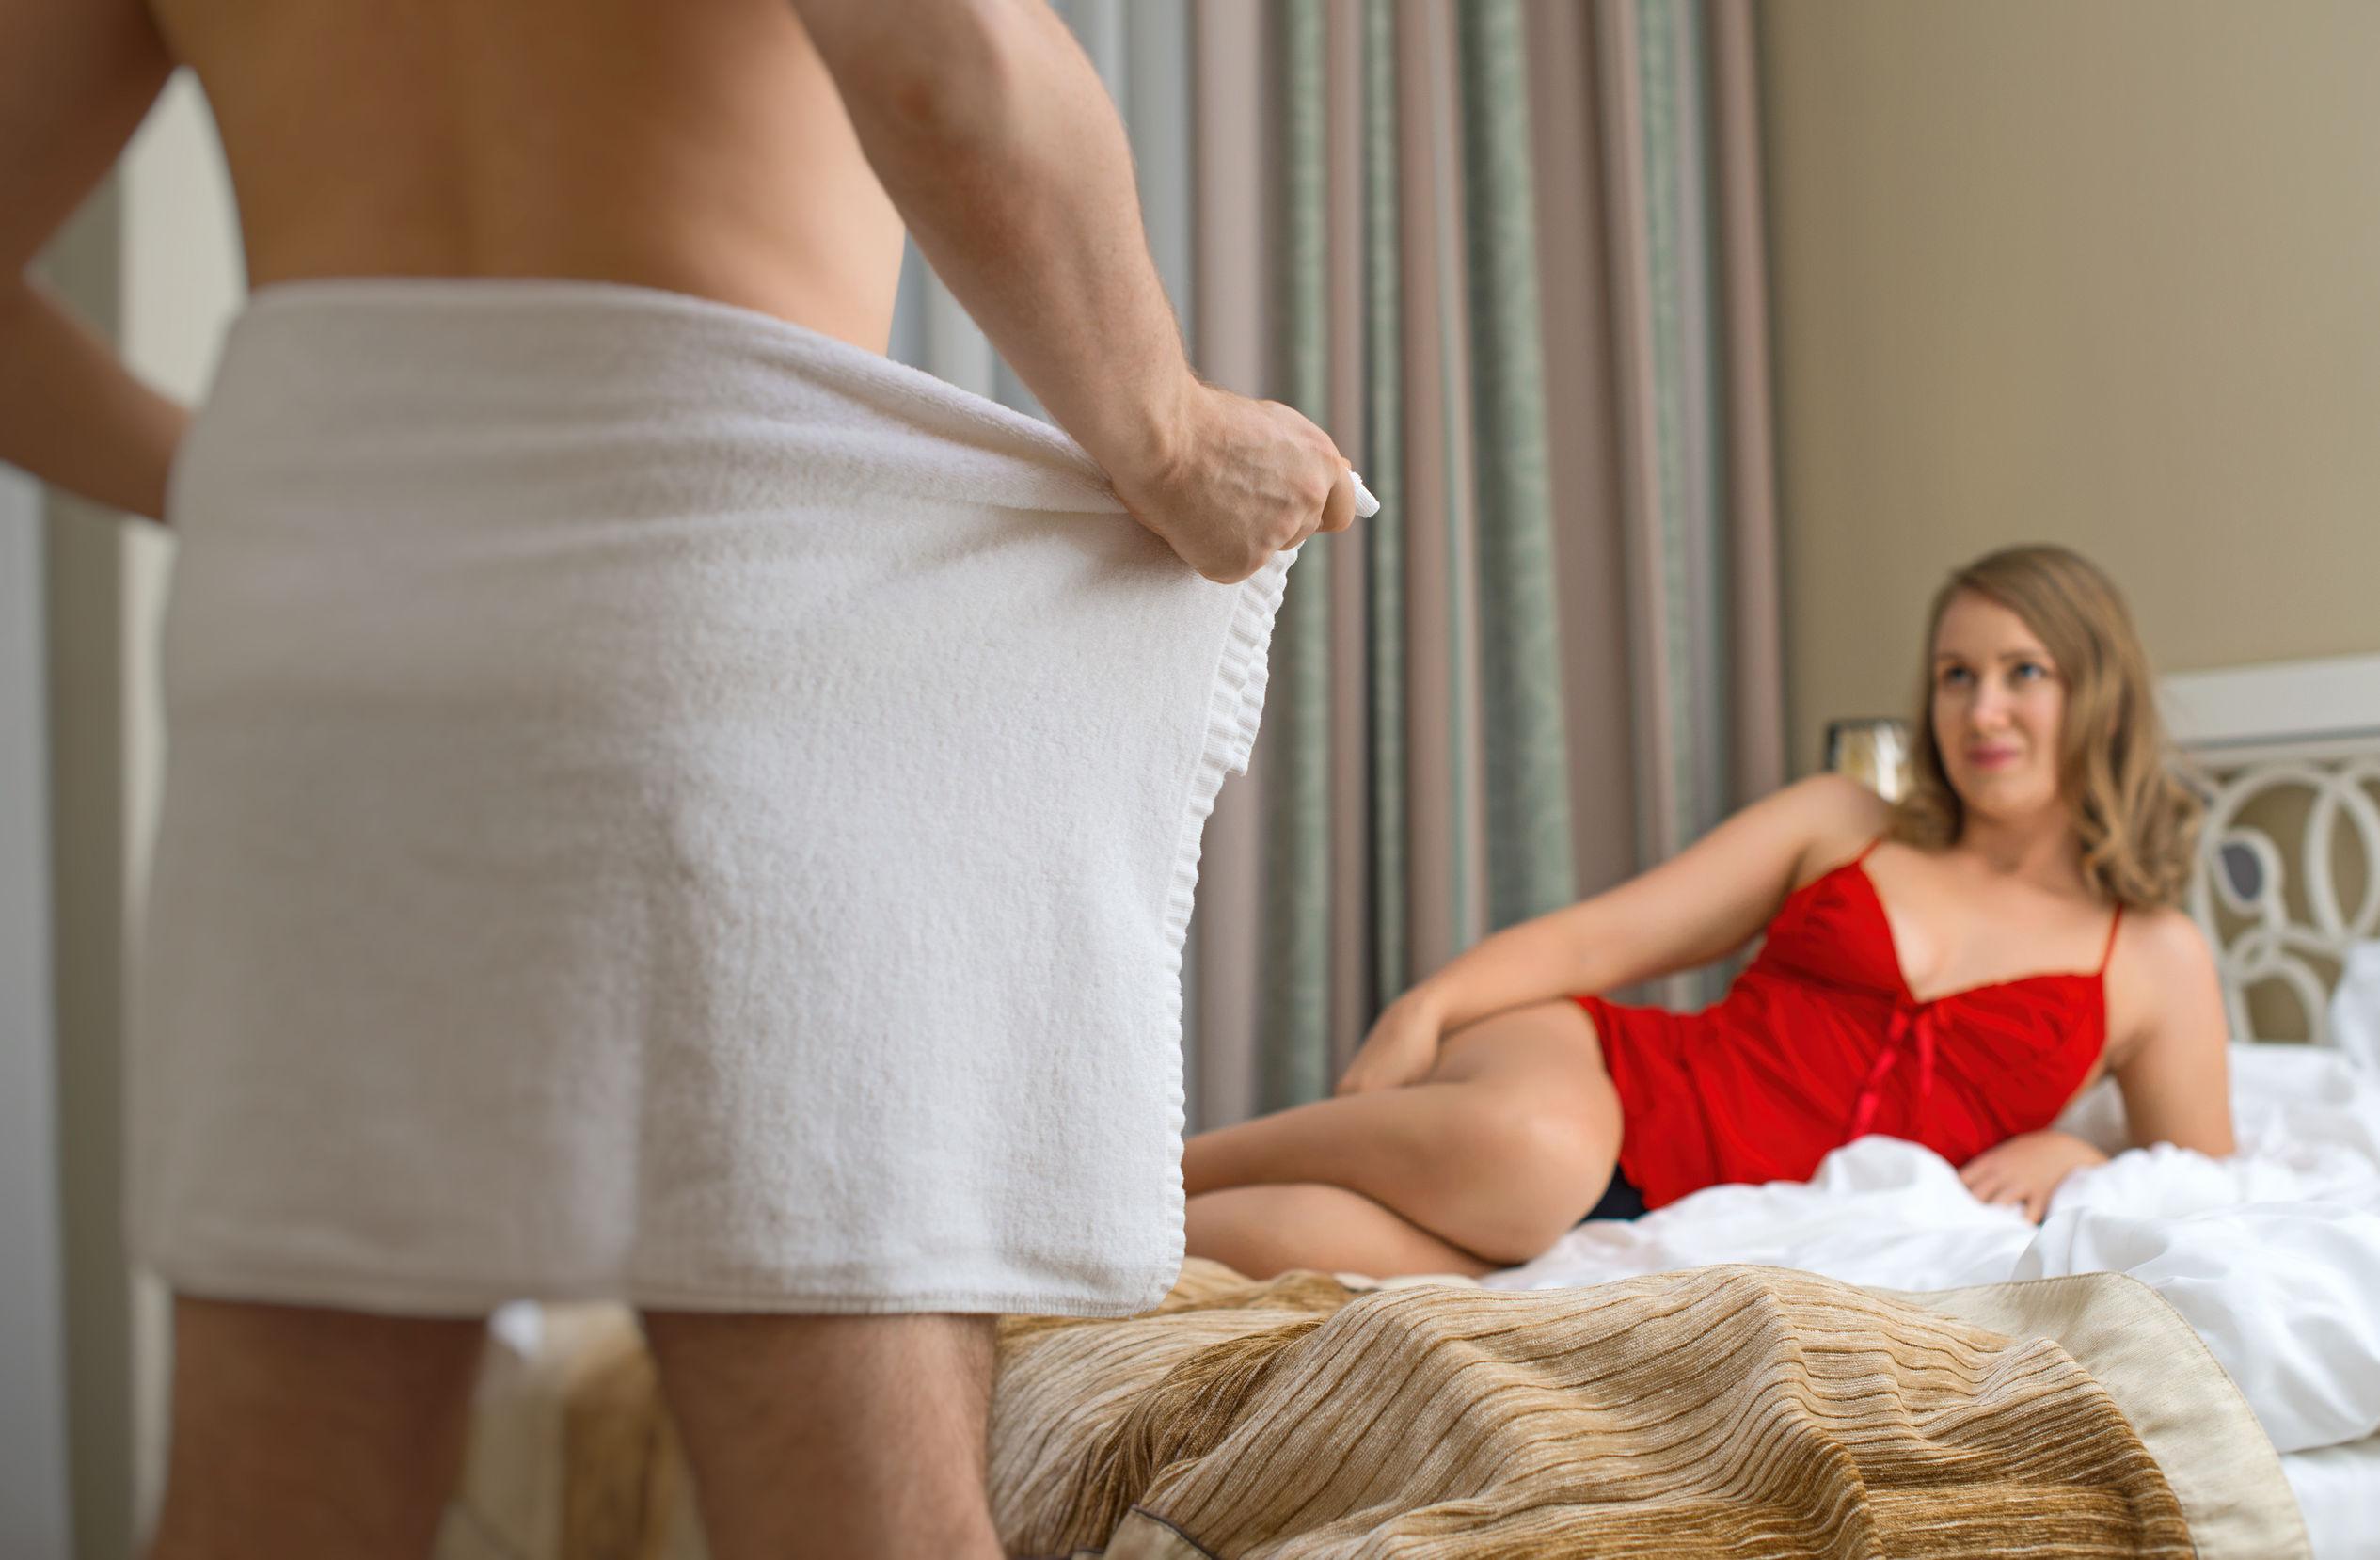 5 простых правил первого секса, о которых многие забывают